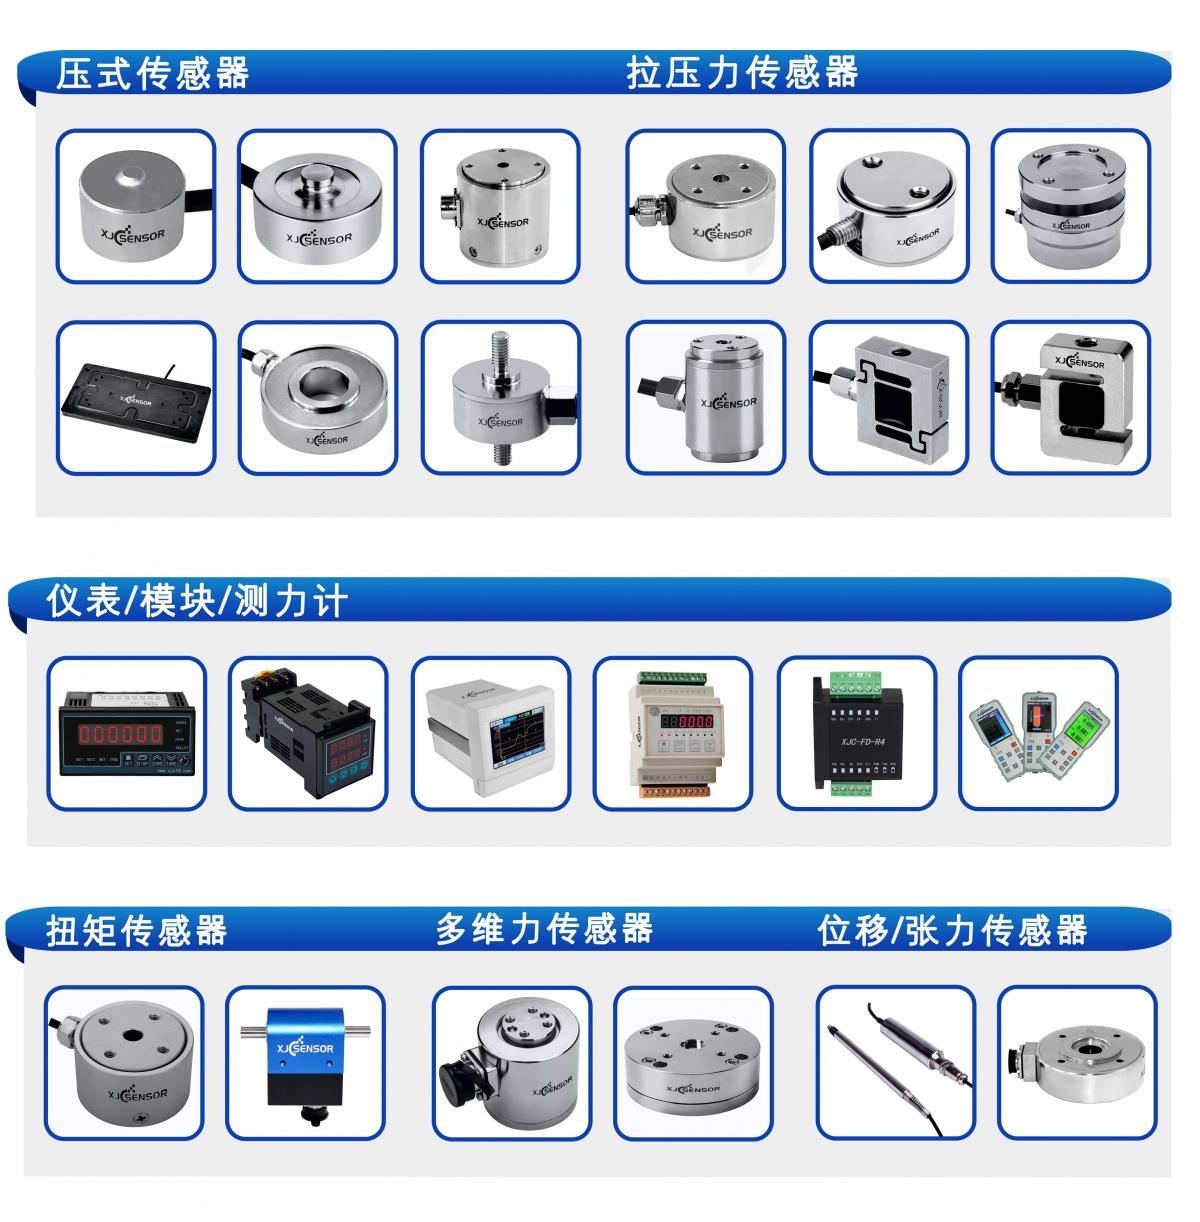 宣传广告-1_看图王.jpg